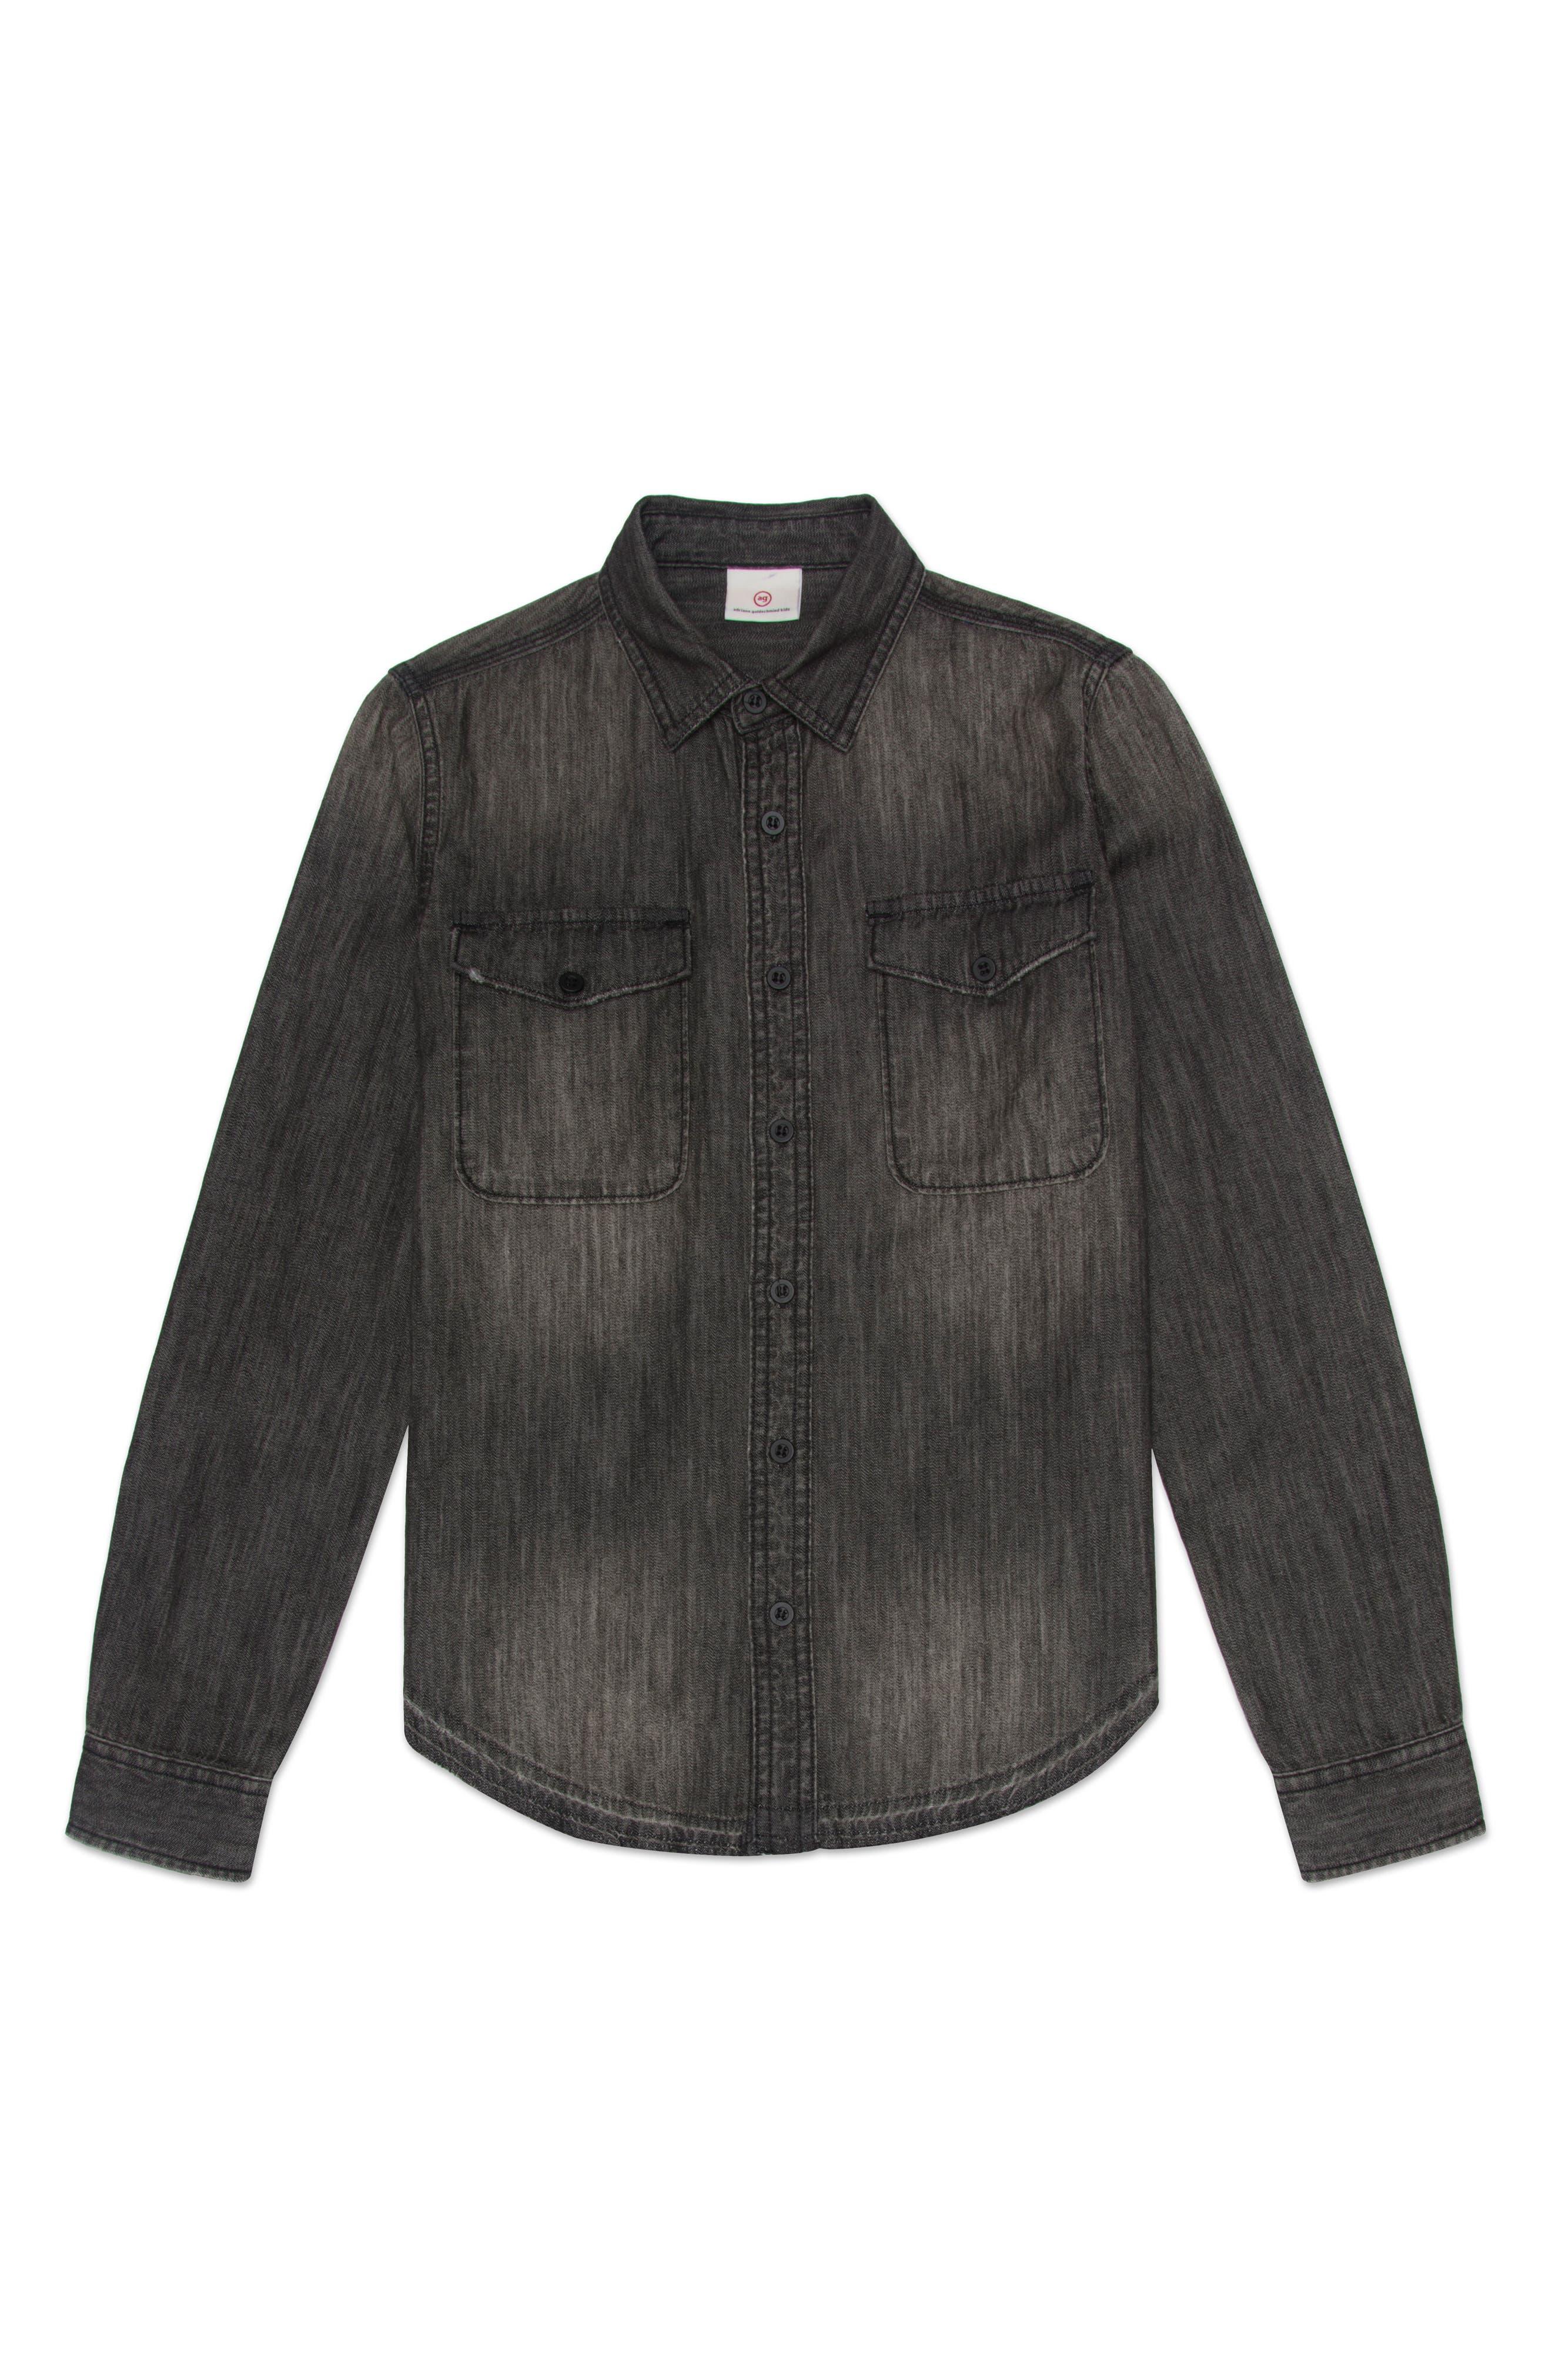 Bryson Chambray Shirt,                             Main thumbnail 1, color,                             Faded Black